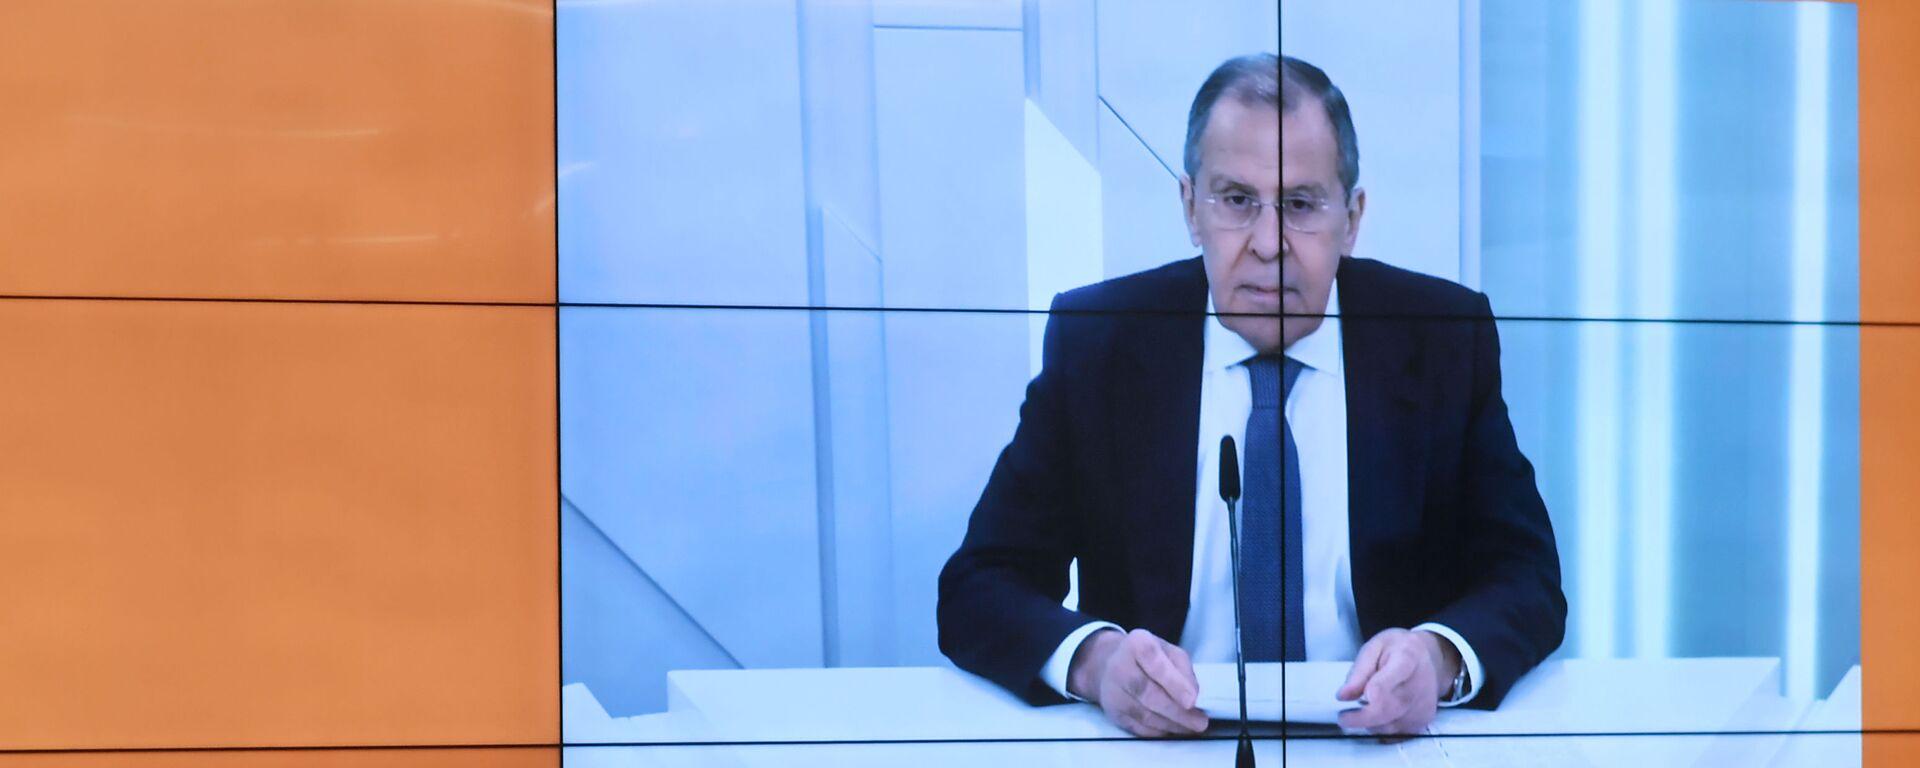 Intervista del ministro degli Esteri russo Sergey Lavrov ai corrispondenti di Sputnik - Sputnik Italia, 1920, 18.09.2020